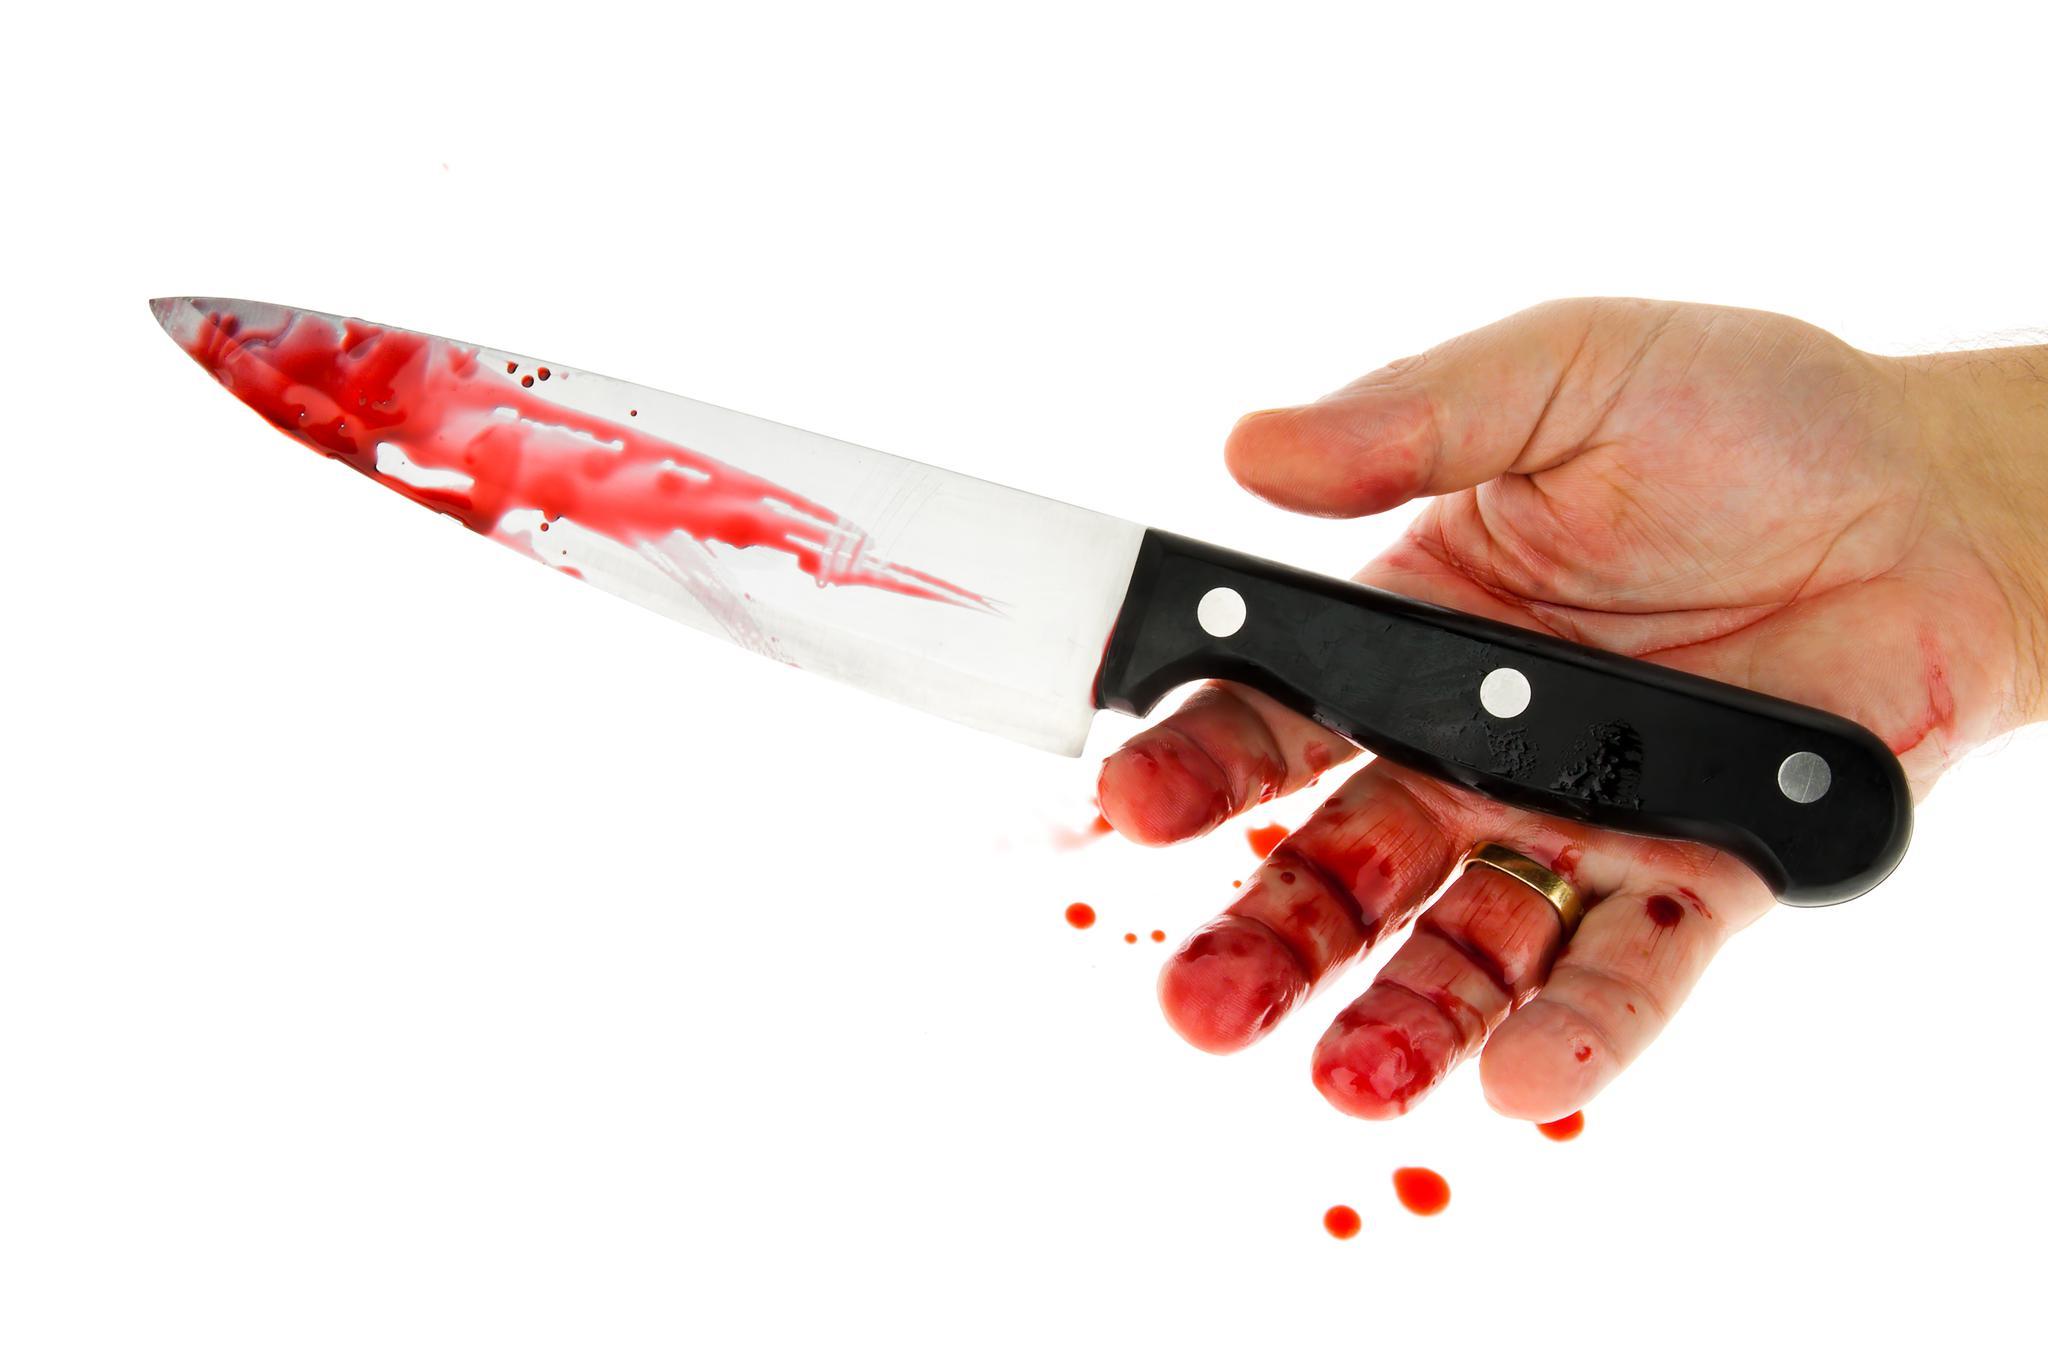 Во время преследования один из преступников нанес полицейскому ножевое ранение в грудную клетку